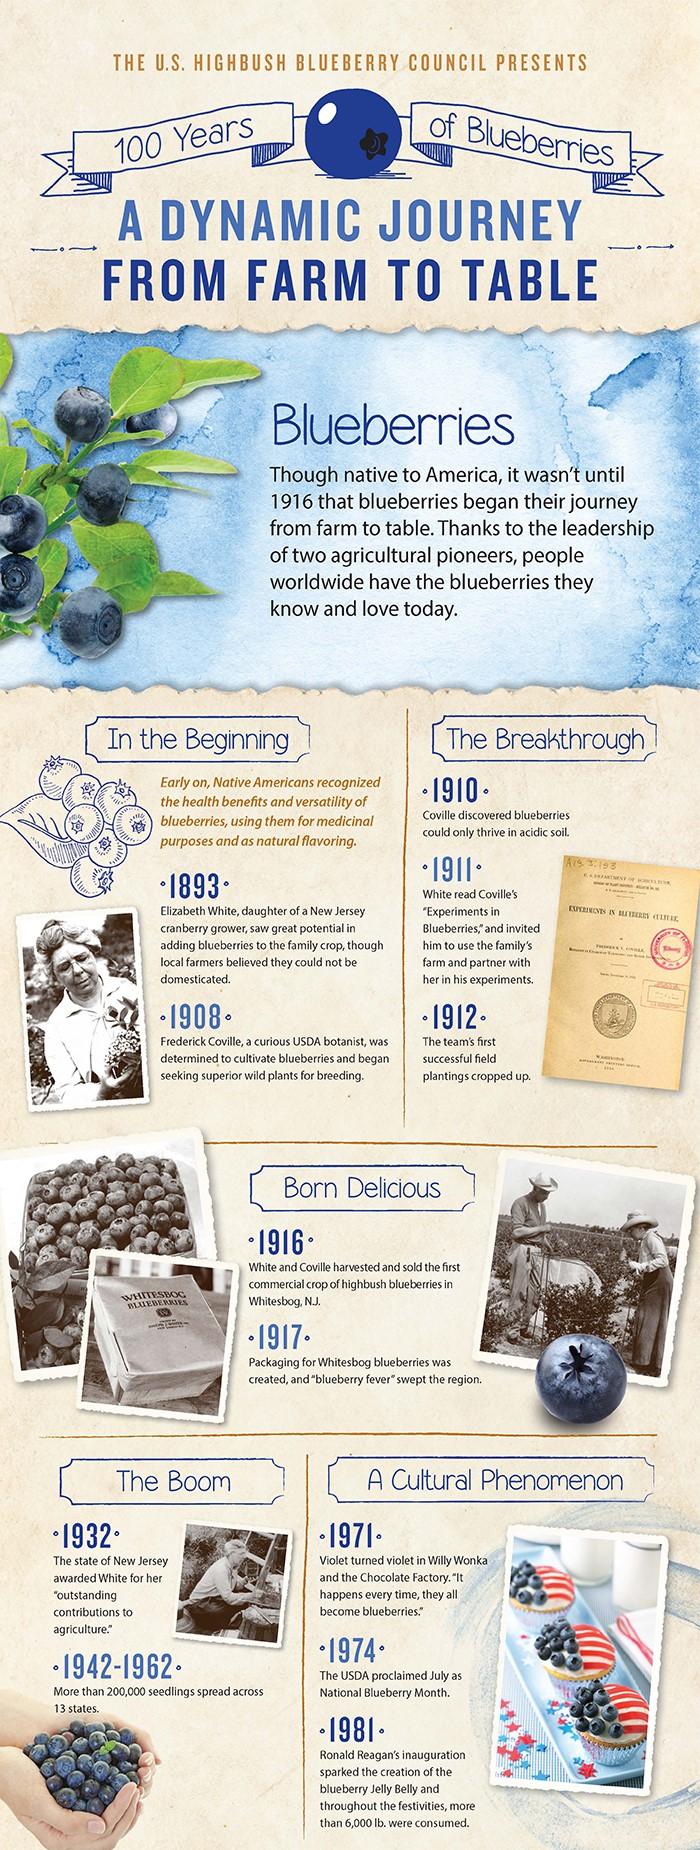 4-16-16-USH-Centennial-Infographic-Updated-for-Print-v2.jpg